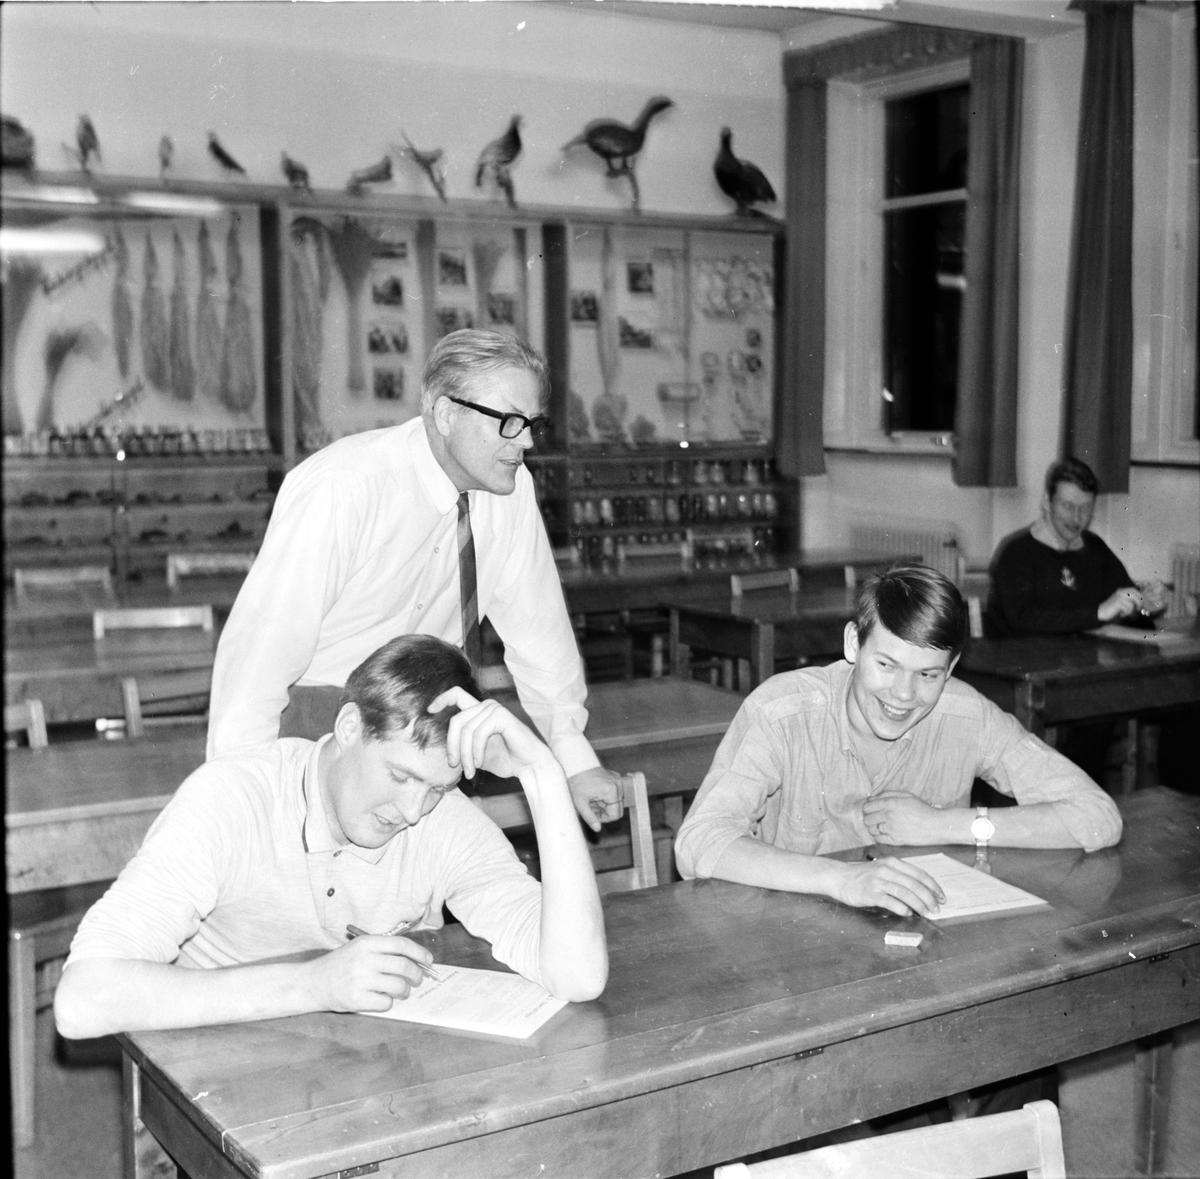 Nytorp, Skrivning i samhällskunskap, Mars 1968